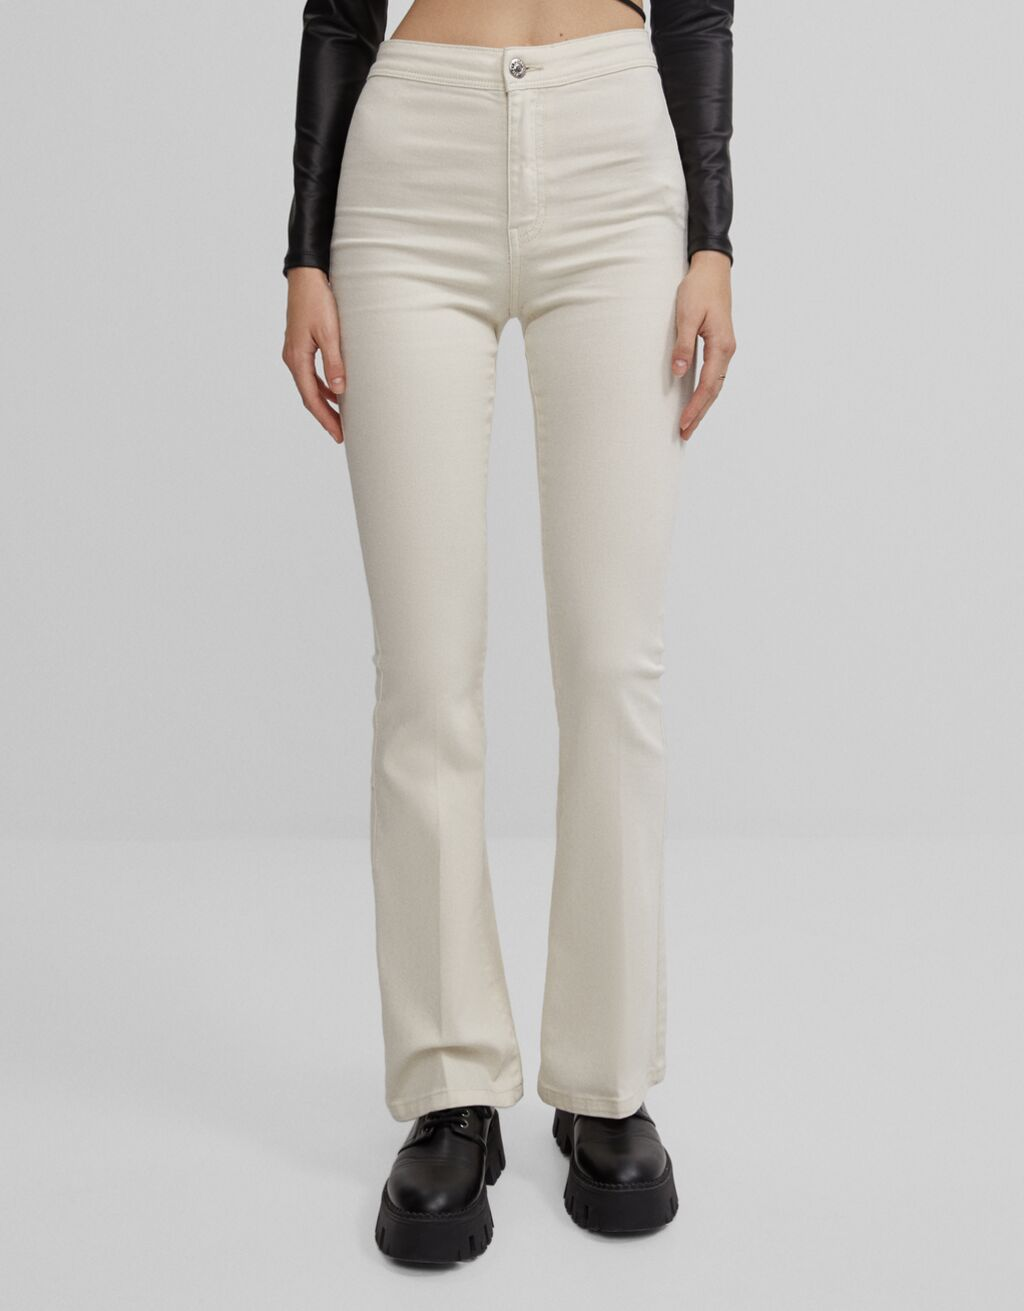 Pantalons flare sarja